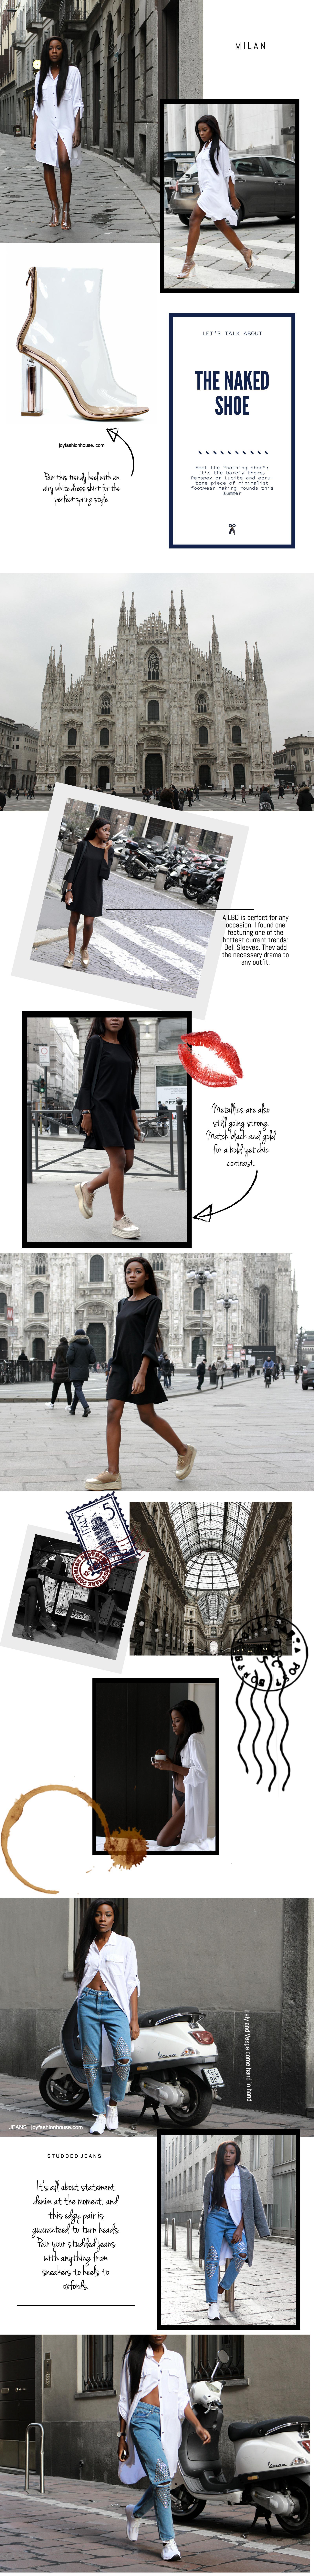 milan-fashion-travel-diary